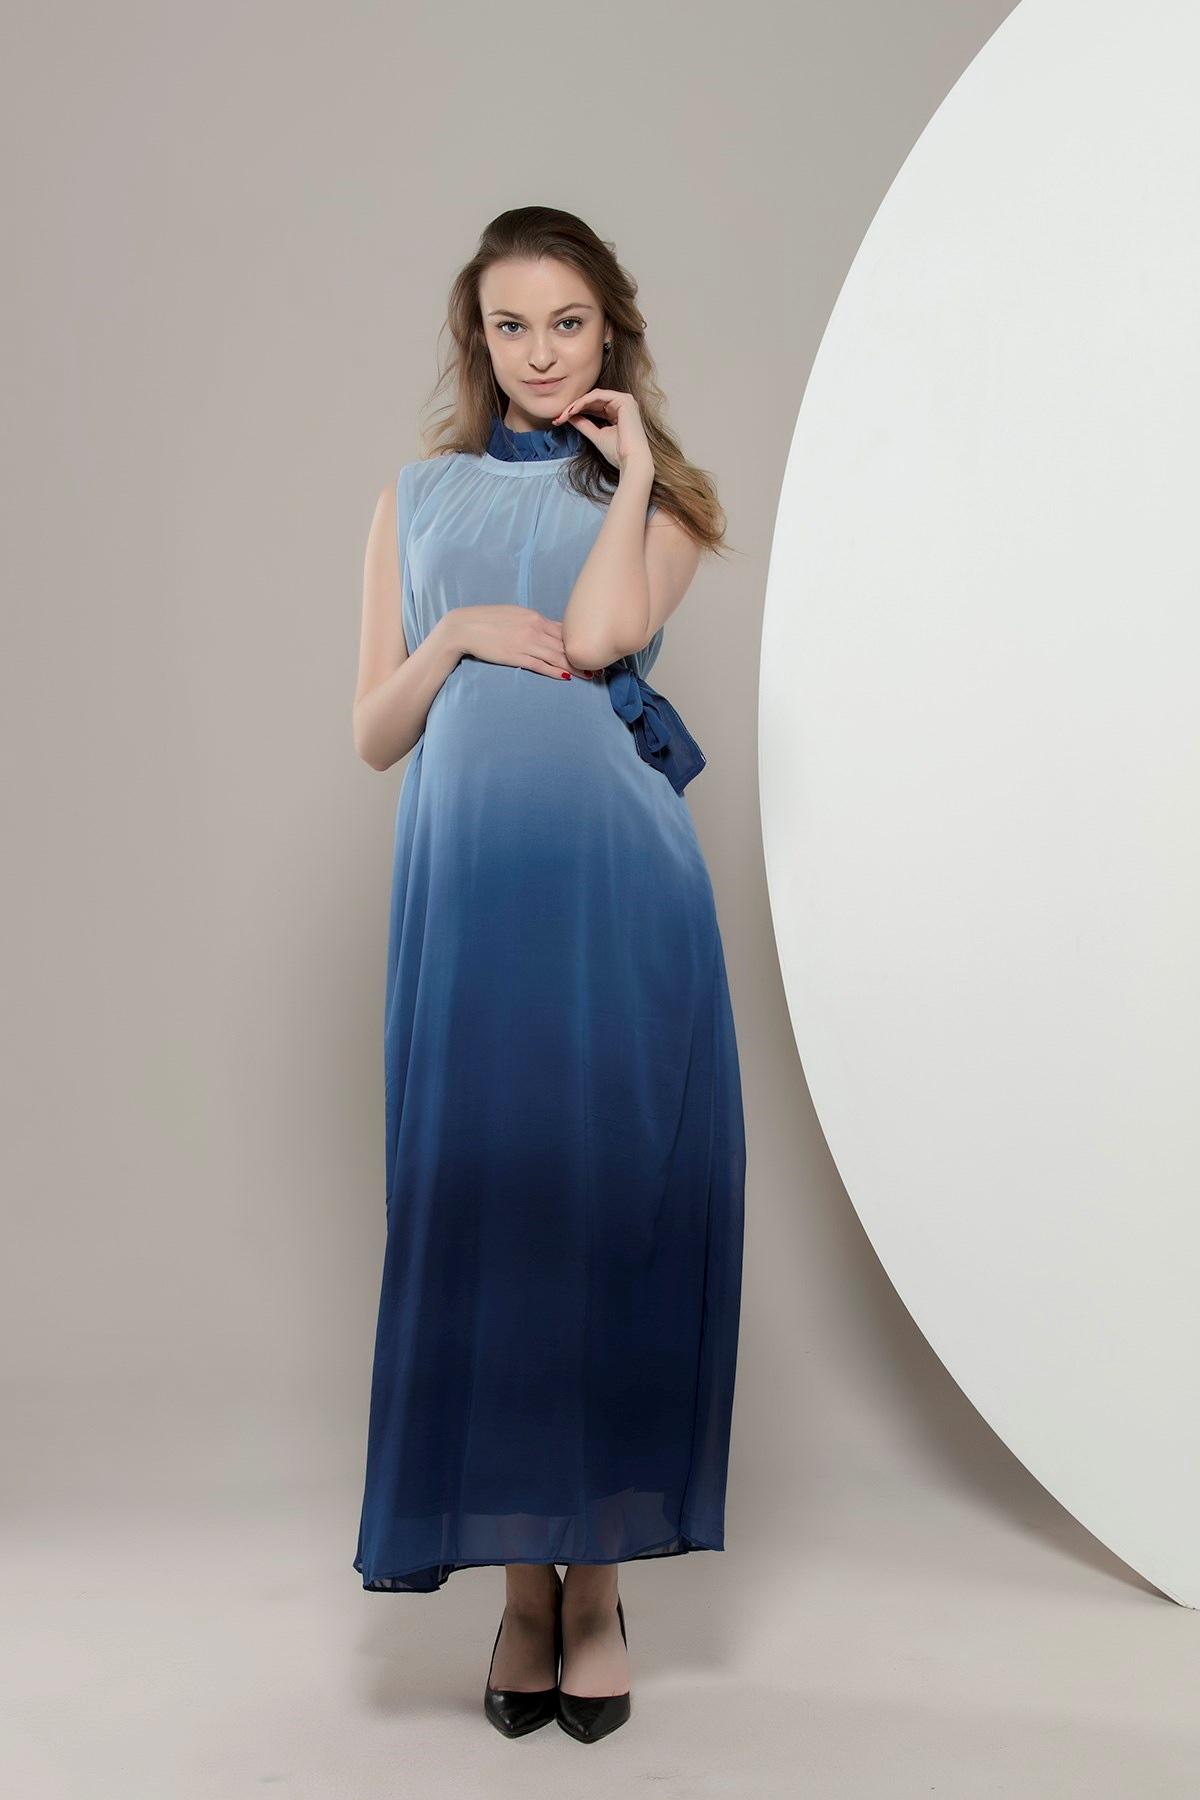 0663129761d65 Patırtı Gör&Sin Babyshower Hamile Şifon Elbise Lacivert - Glami.com.tr